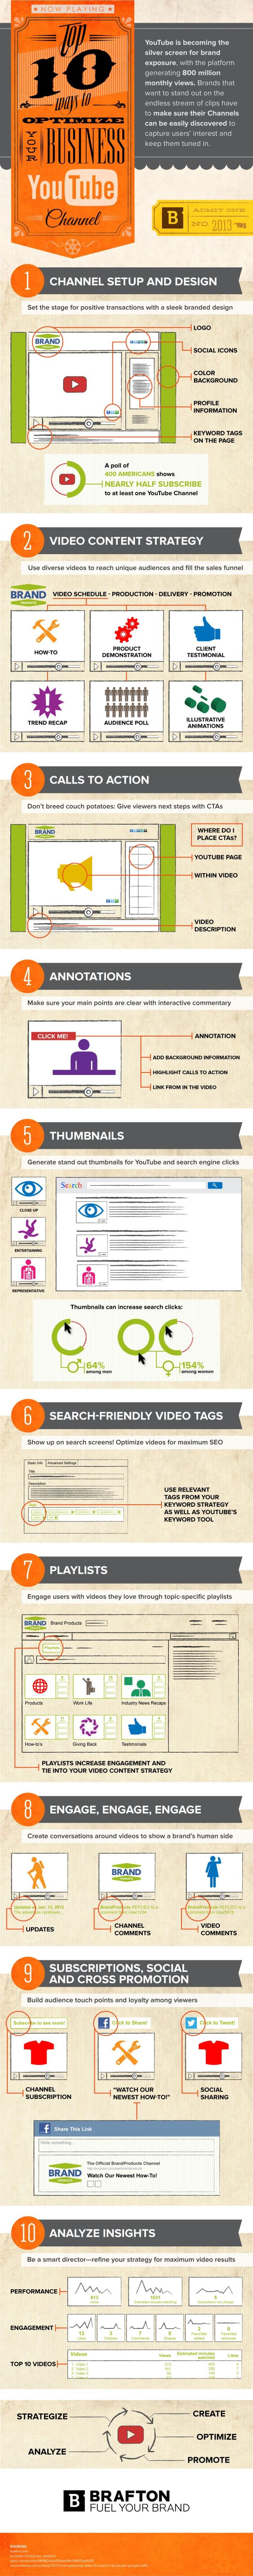 10 Maneras De Optimizar Tu Canal YouTube Infografia Infographic Socialmedia